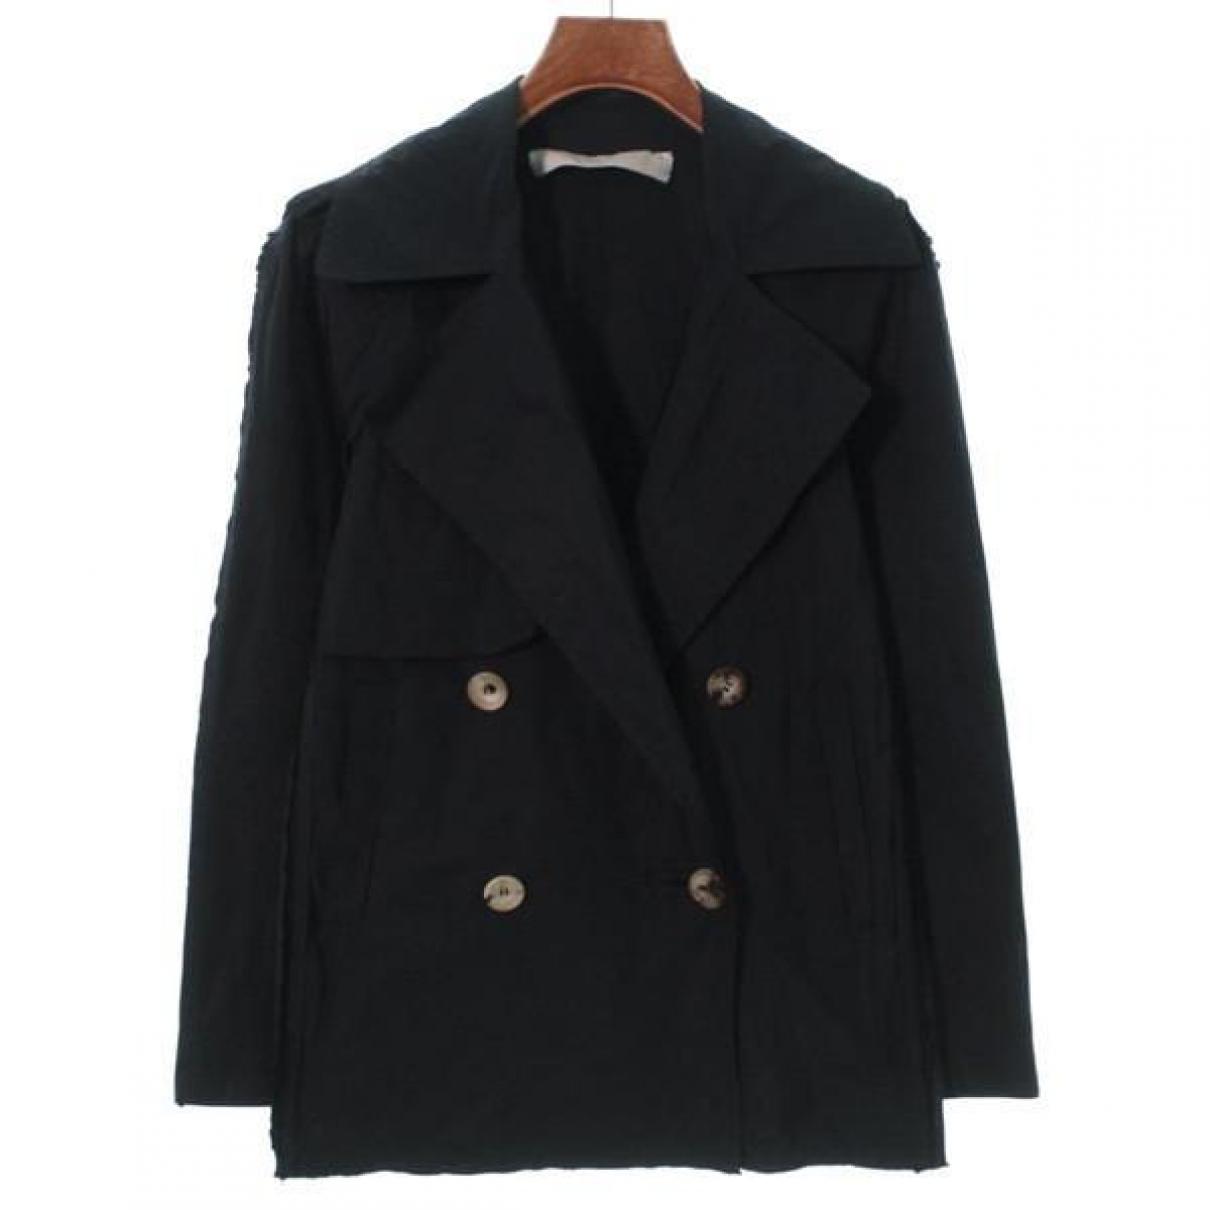 Lanvin \N Black jacket for Women 36 FR